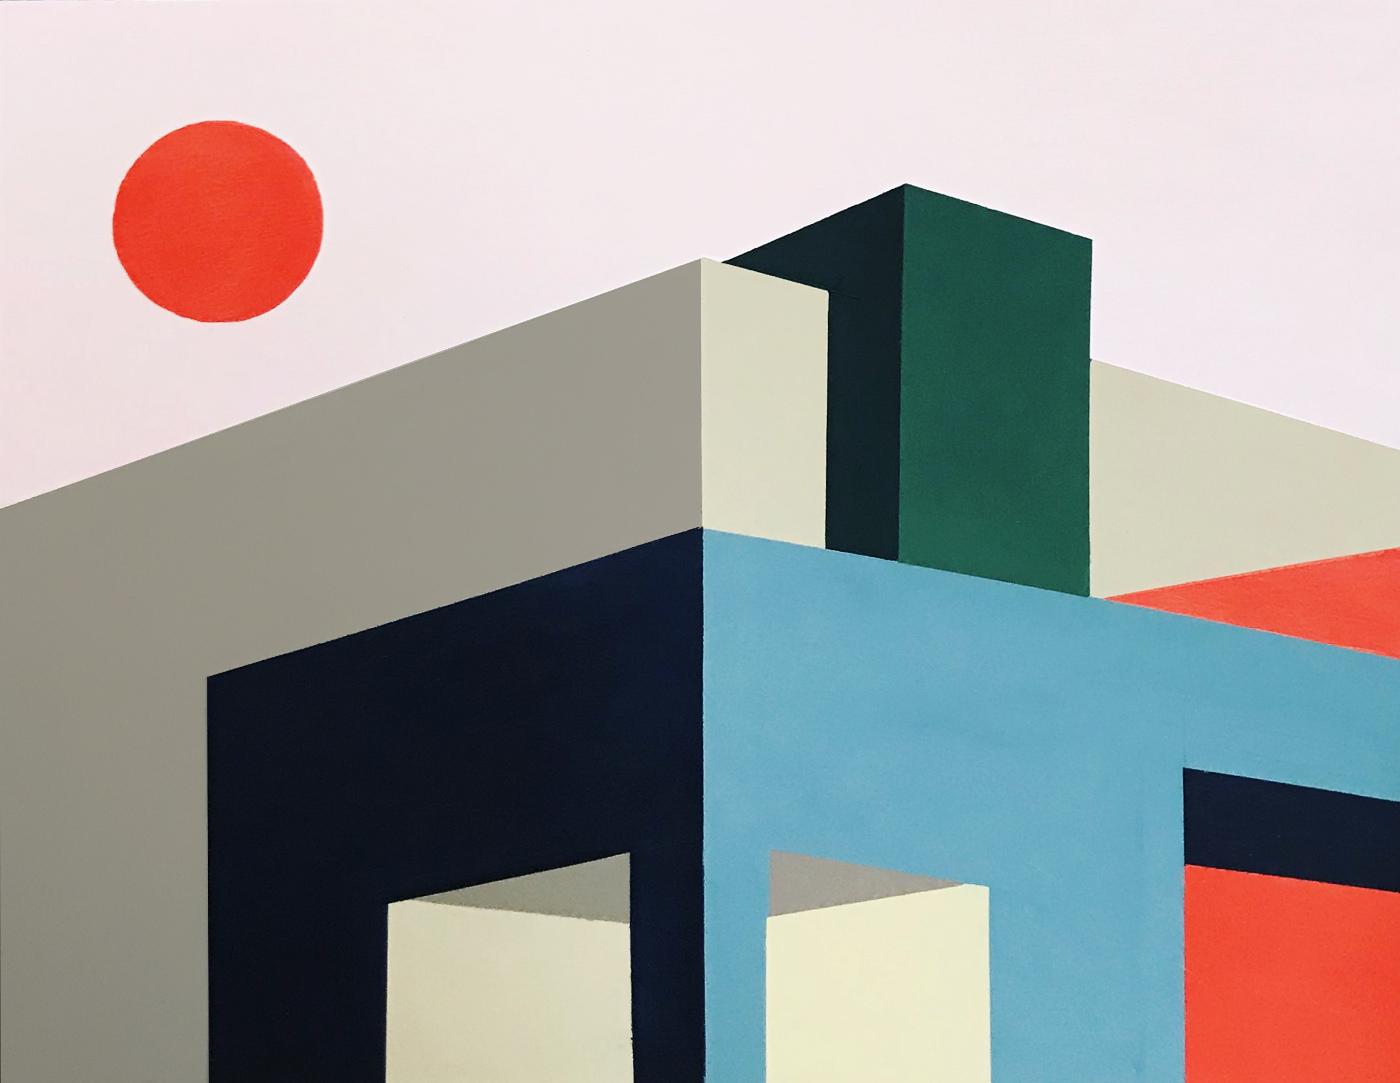 œuvres représentant des blocs